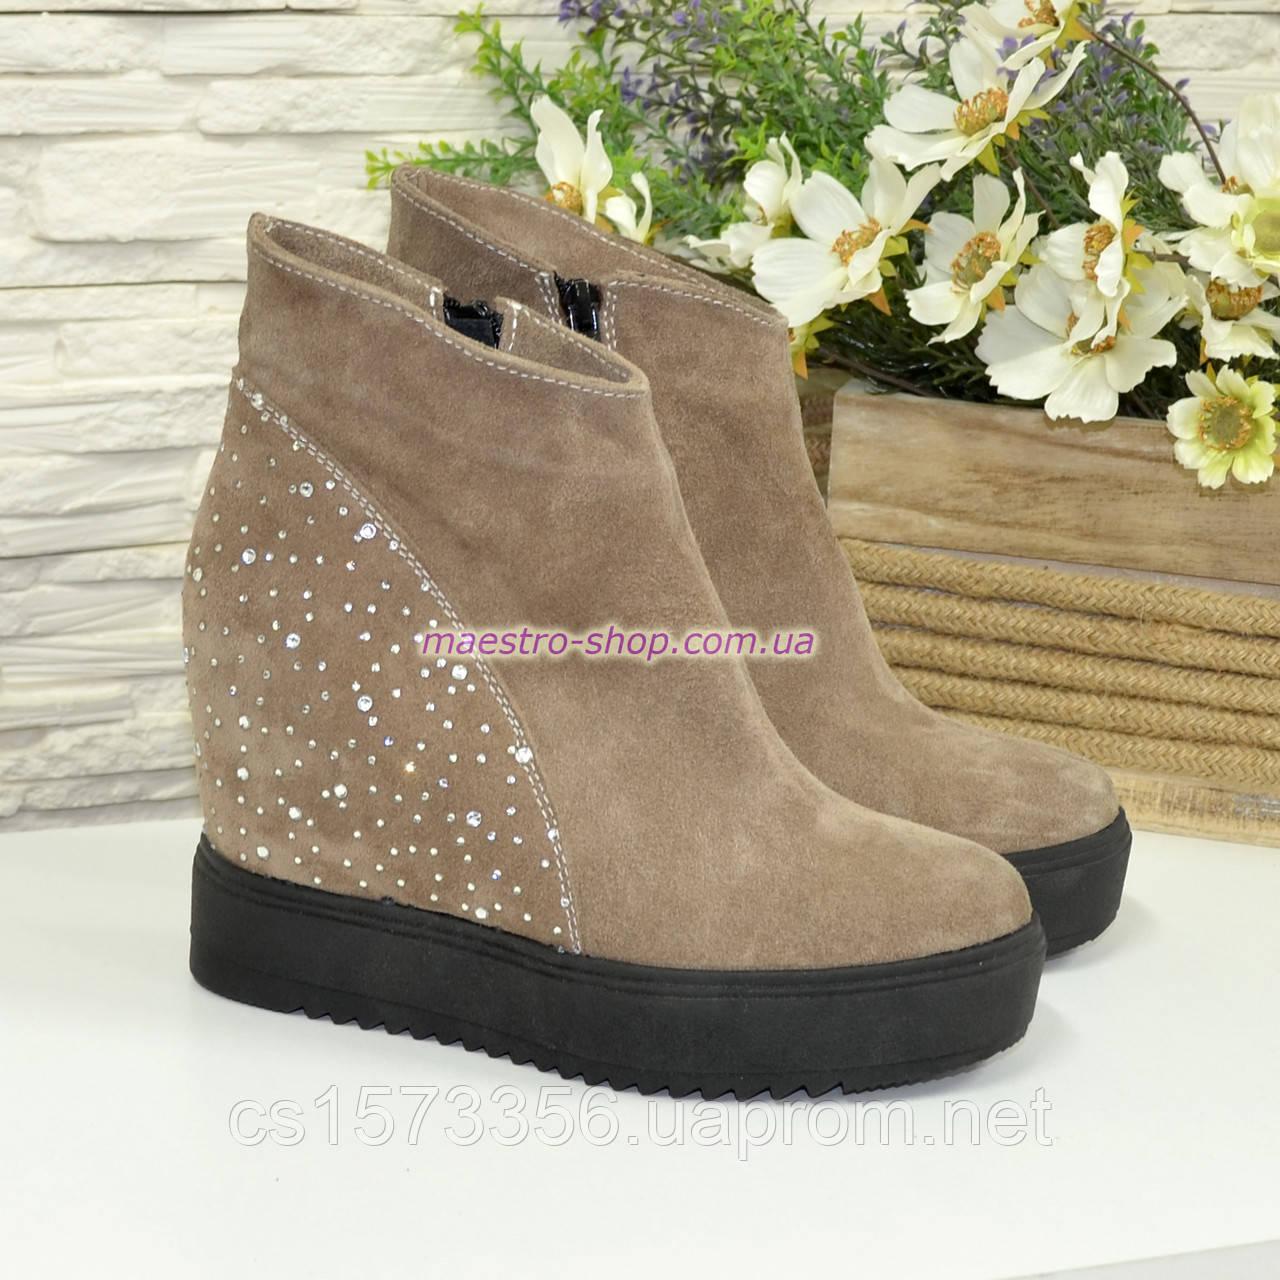 Замшевые женские демисезонные ботинки декорированы камнями. От производителя